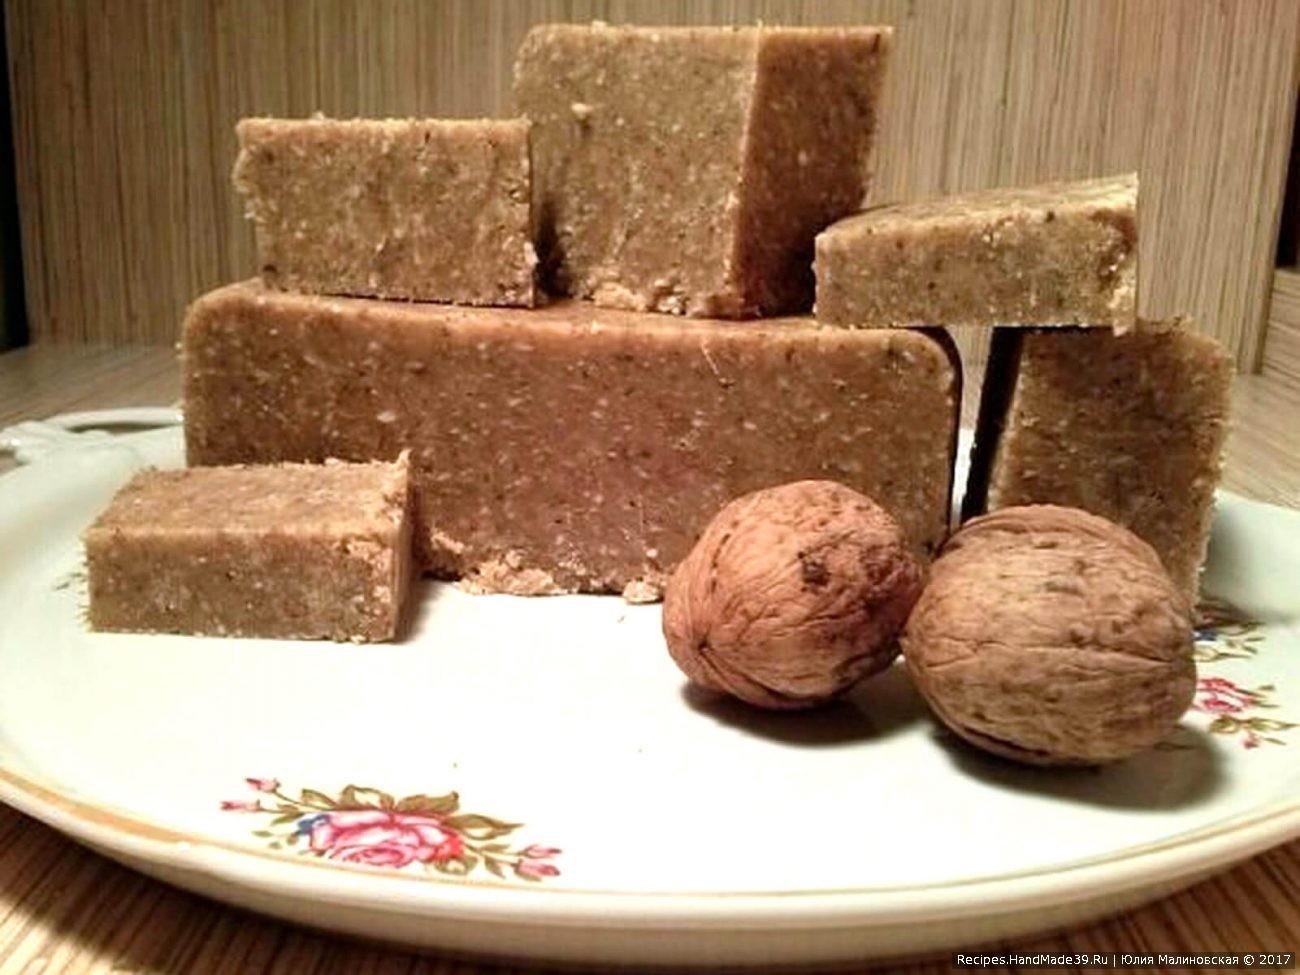 Приготовление орешков в домашних условиях